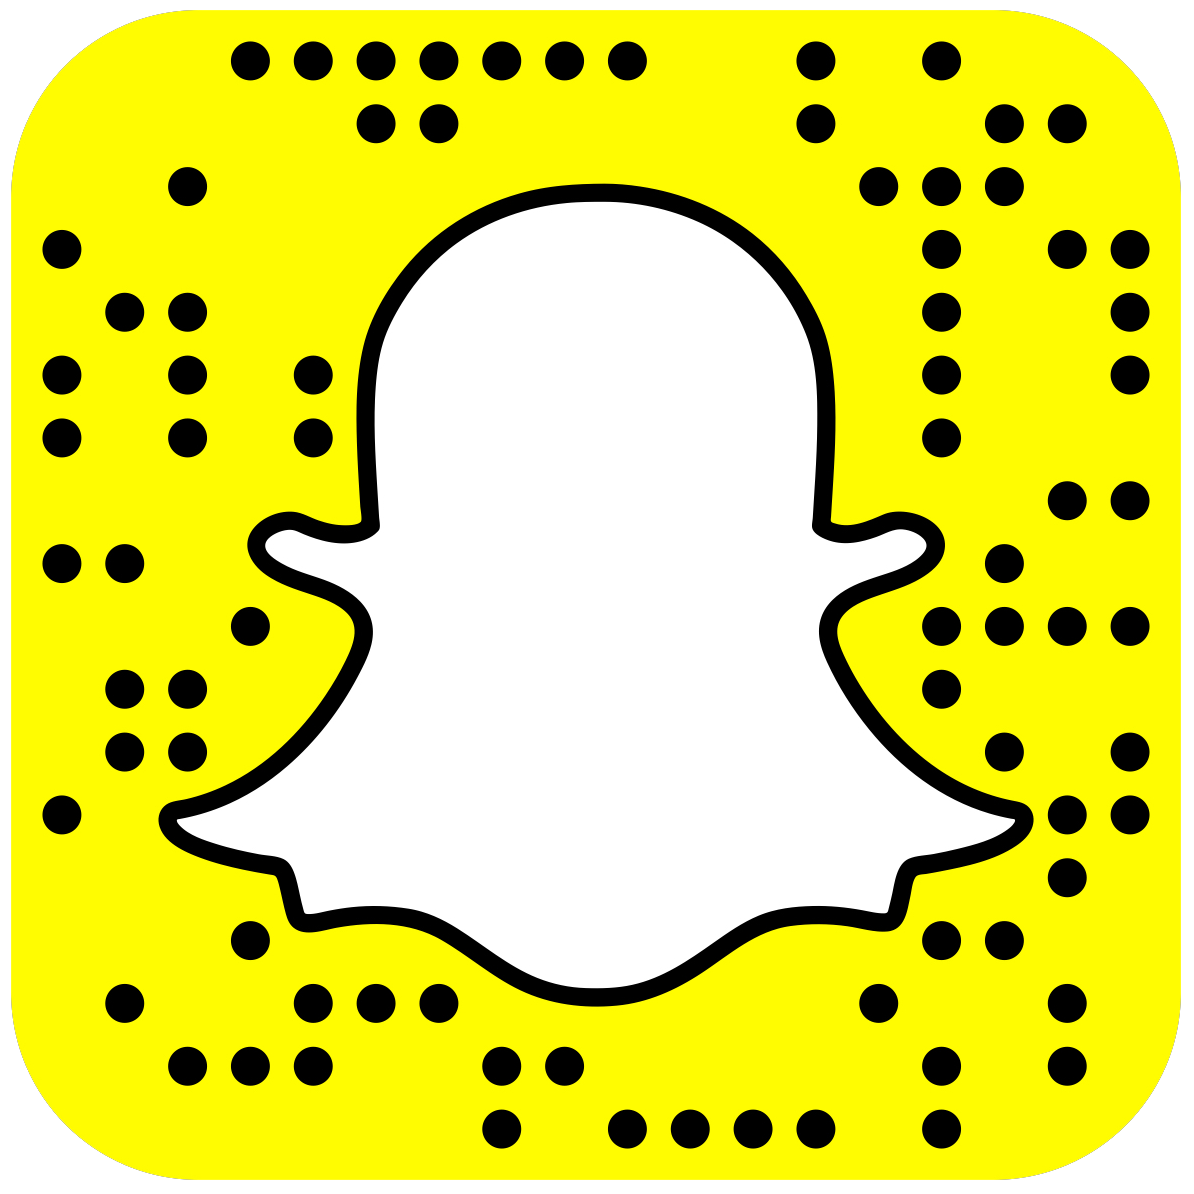 Chloe Moretz Snapchat username